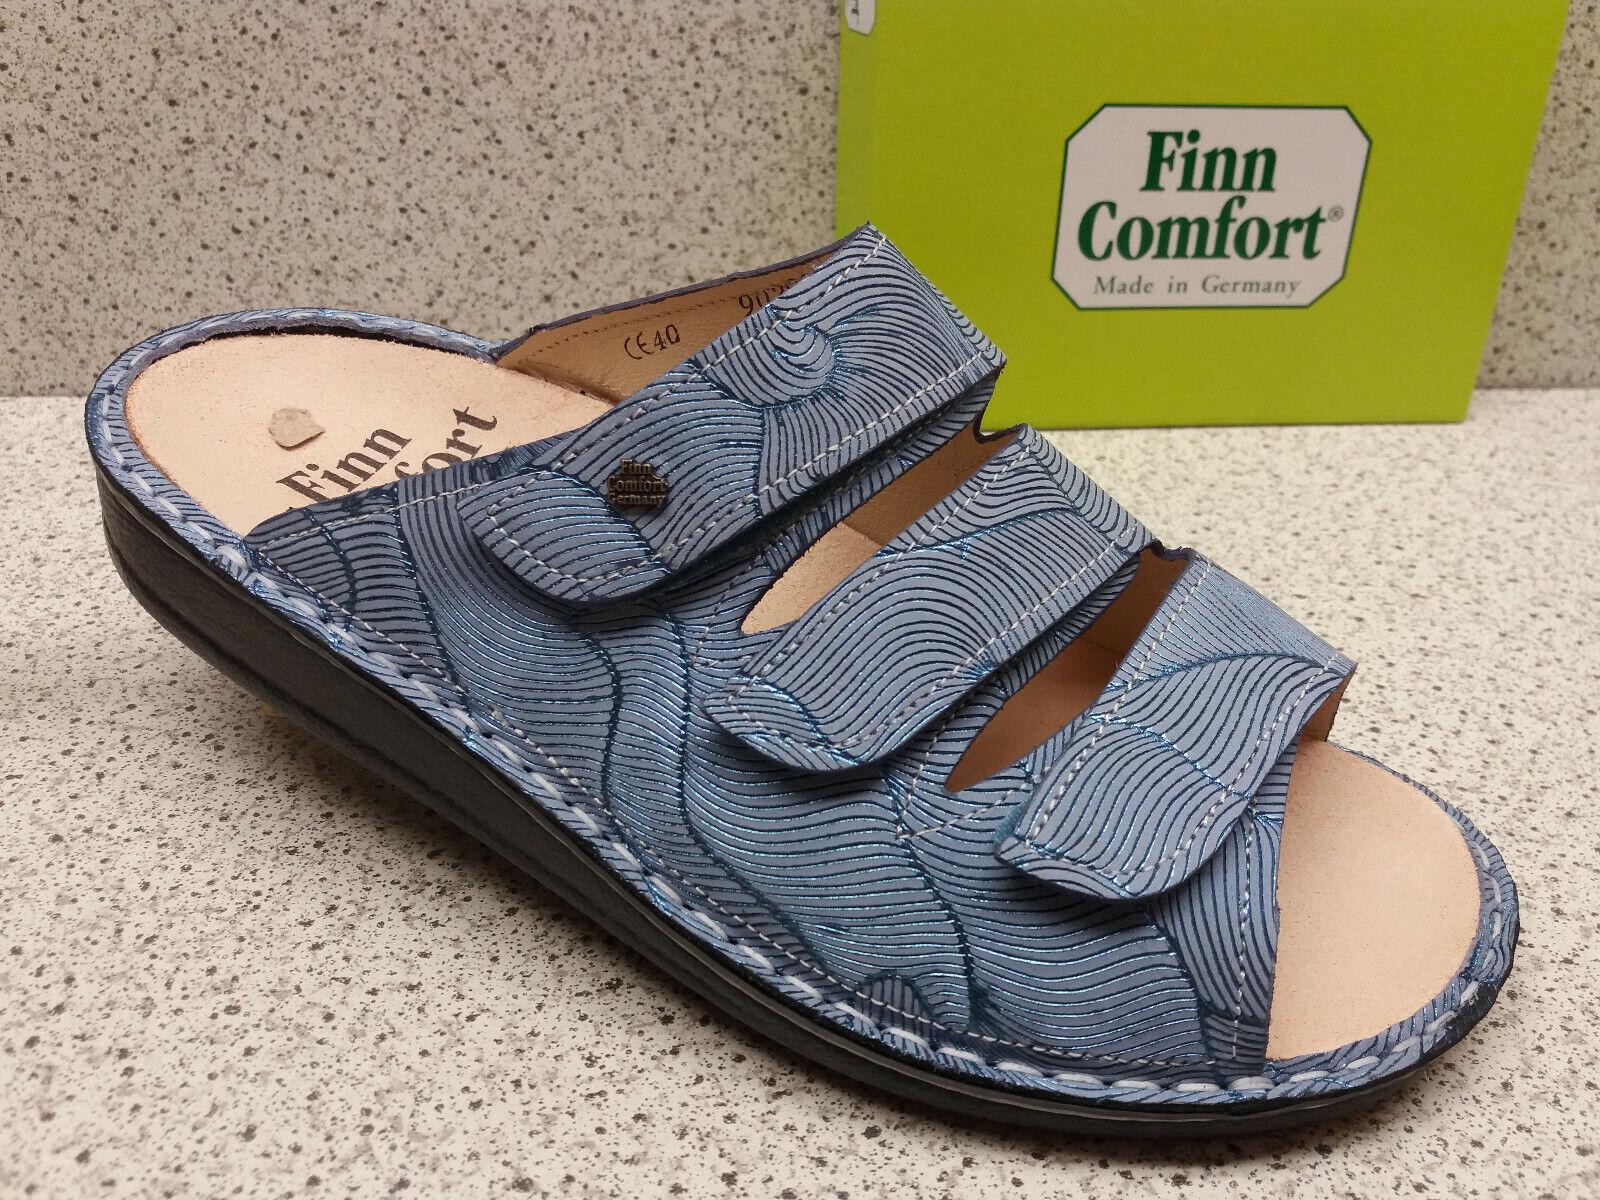 Finn Comfort ® rojouce hasta ahora  Corfú gratis premium-calcetines (fc24)